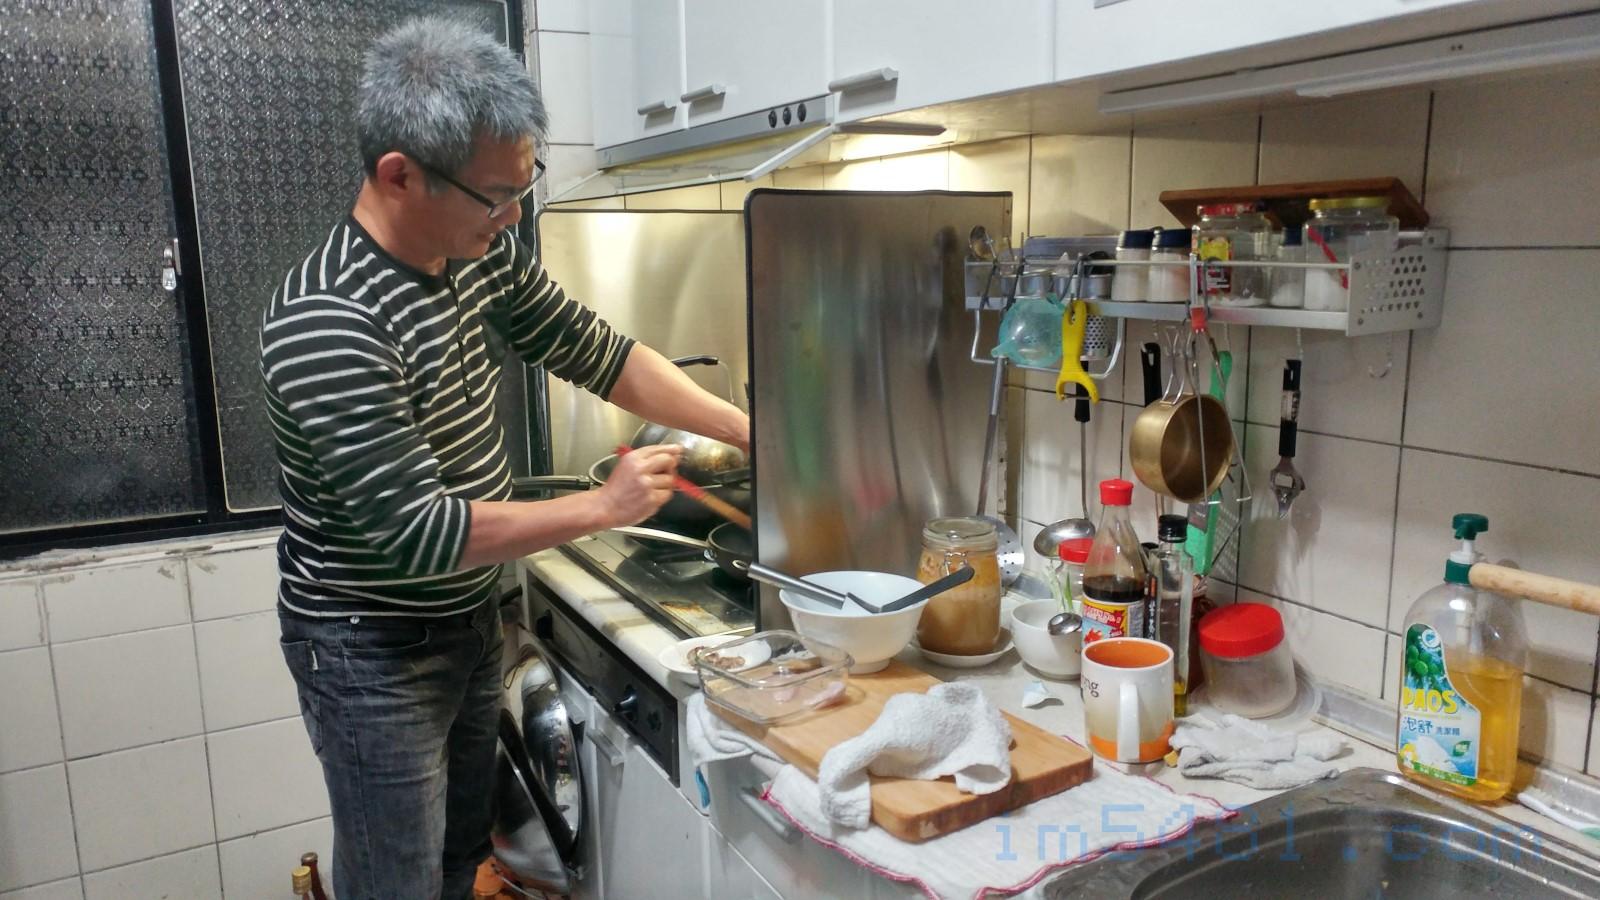 王廷羽親自送魚到我基隆家裡順便幫我煎檸檬魚內臟